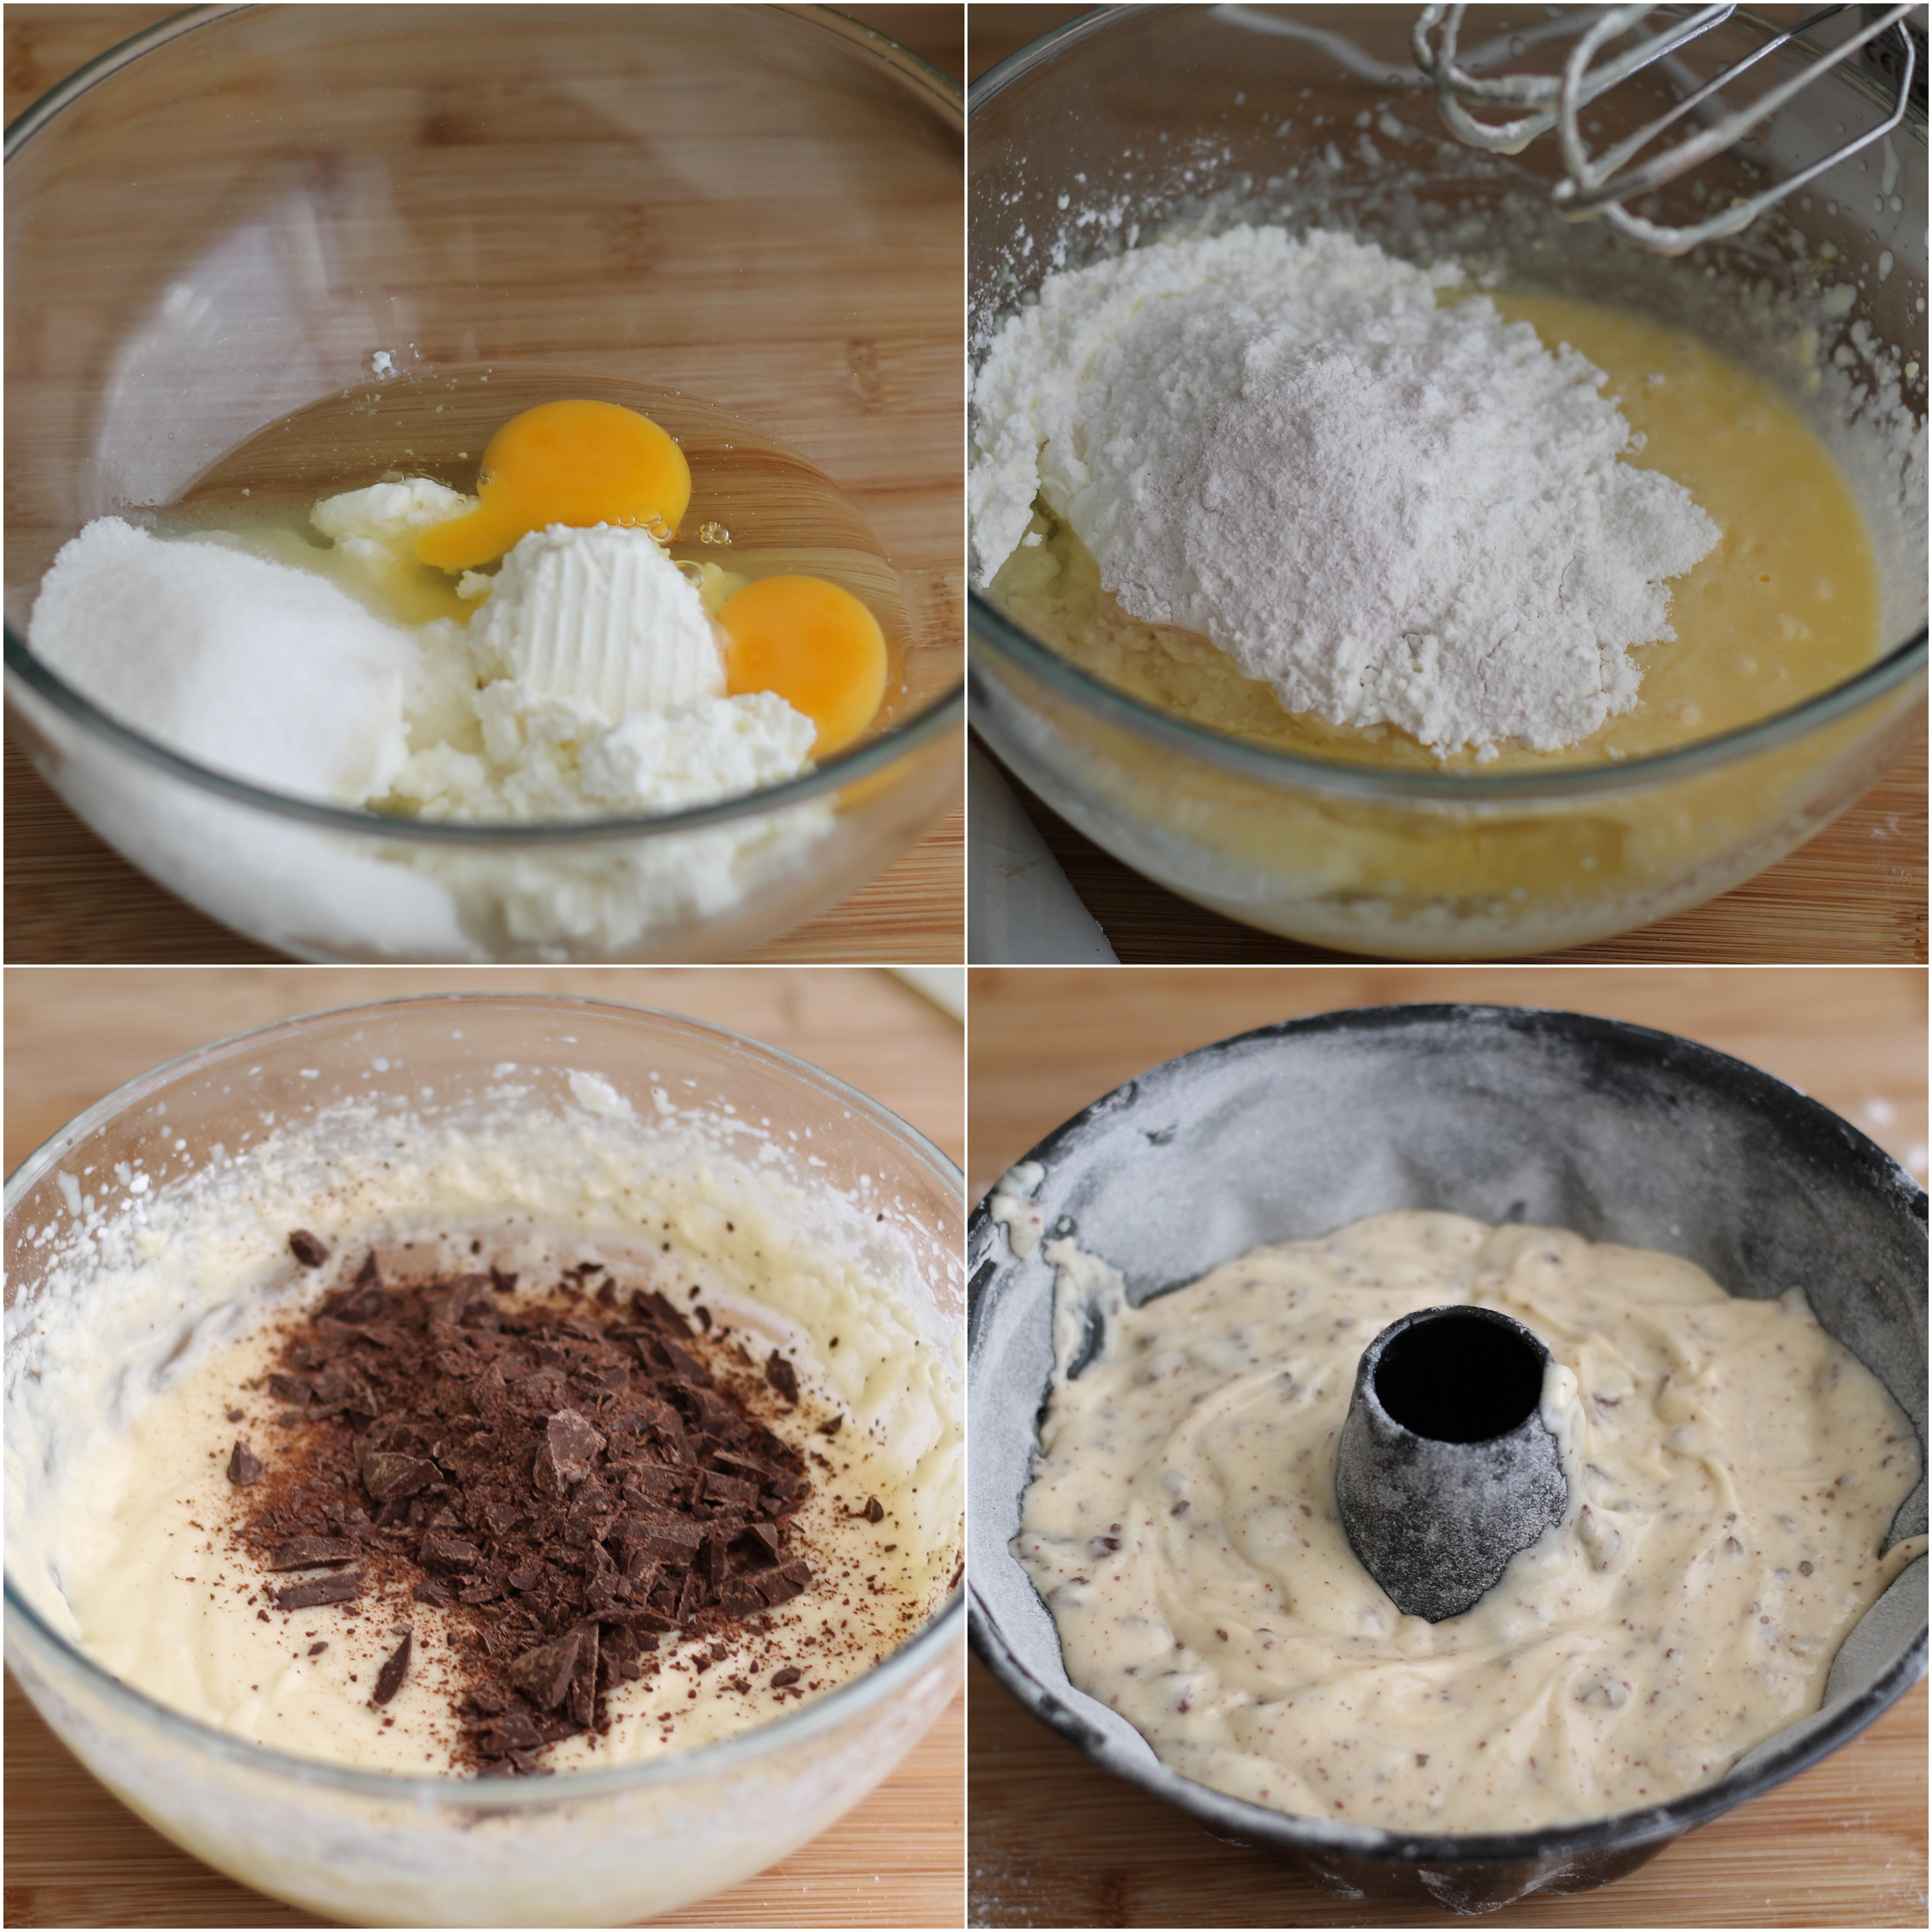 Ciambella alla ricotta e cioccolato senza glutine - La Cassata Celiaca